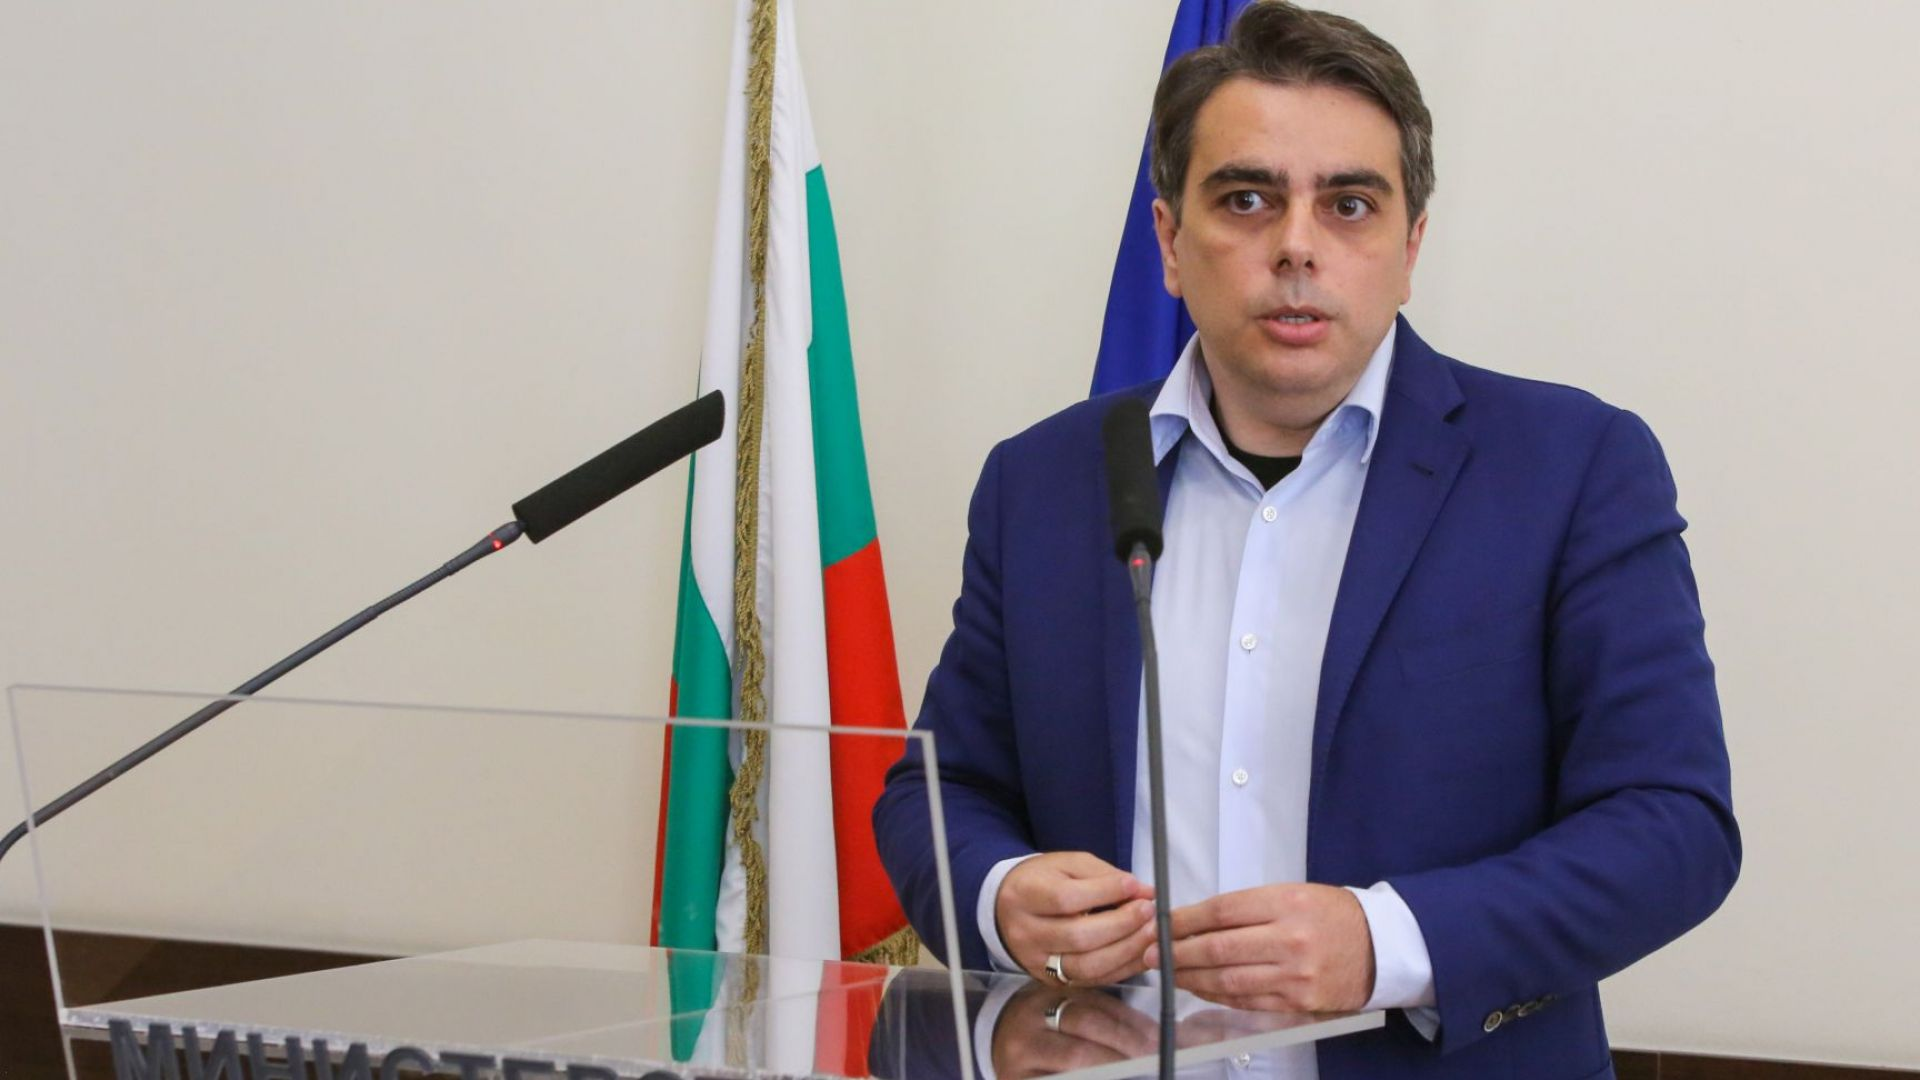 Асен Василев: Шефът на Държавната финансова инспекция се крие